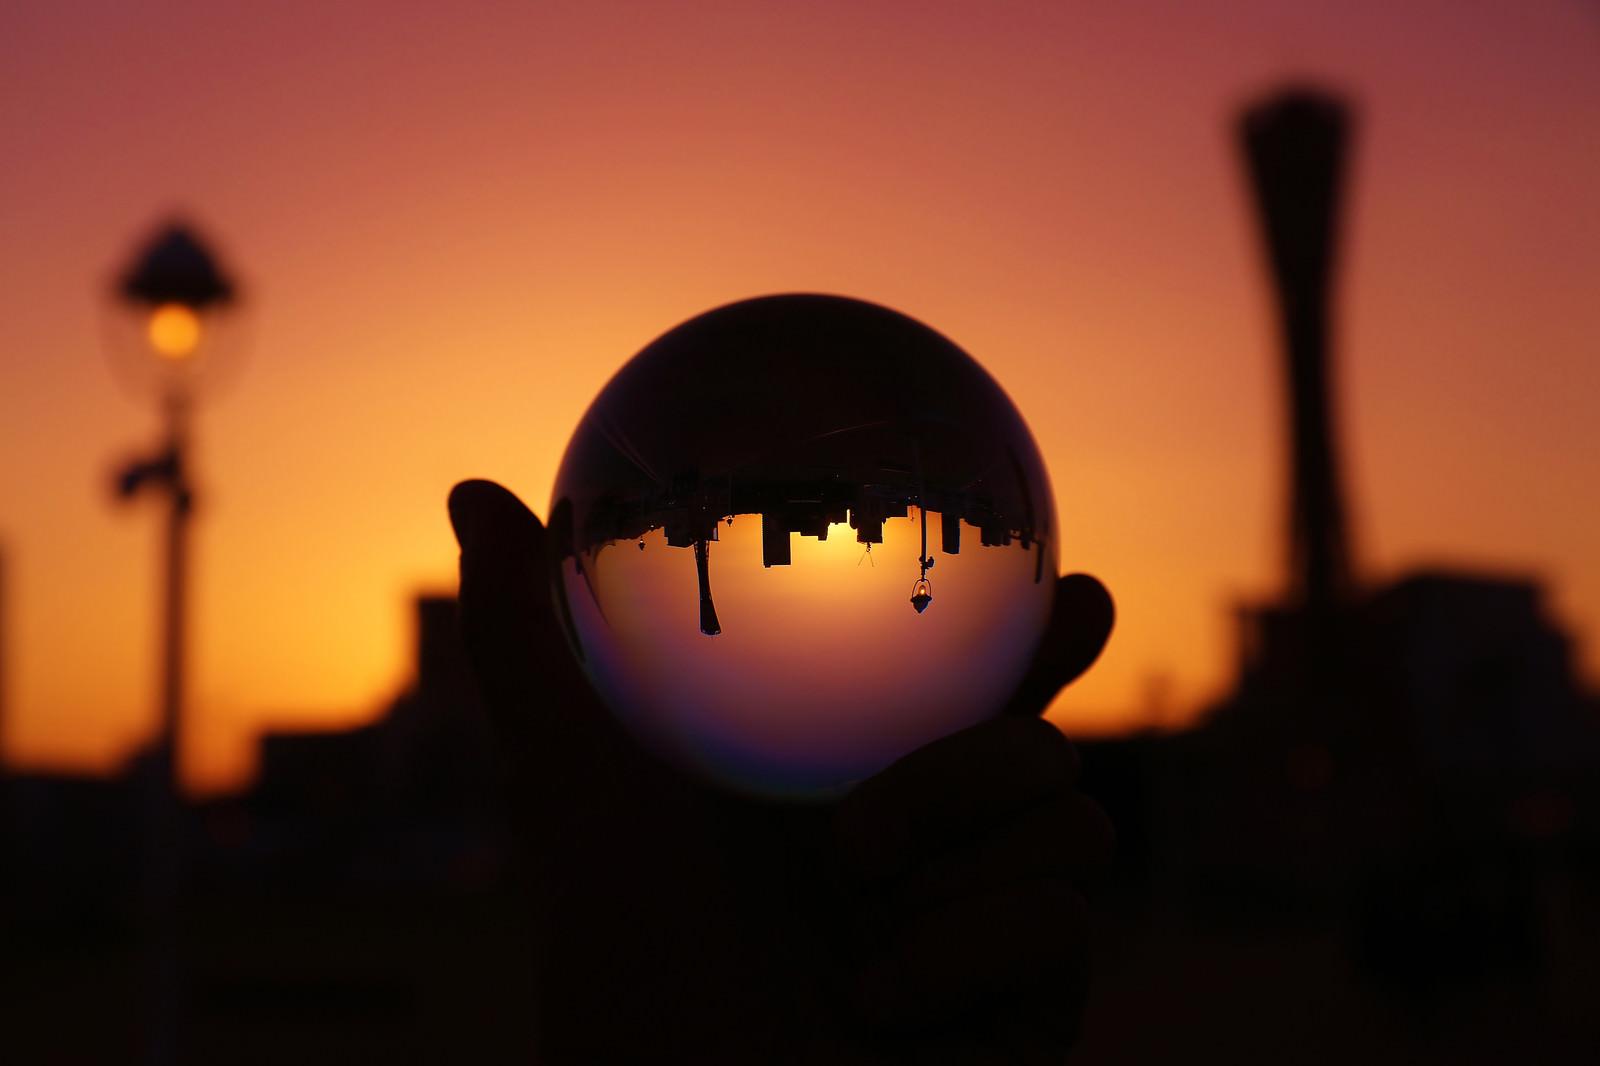 「水晶と夕焼けシルエット」